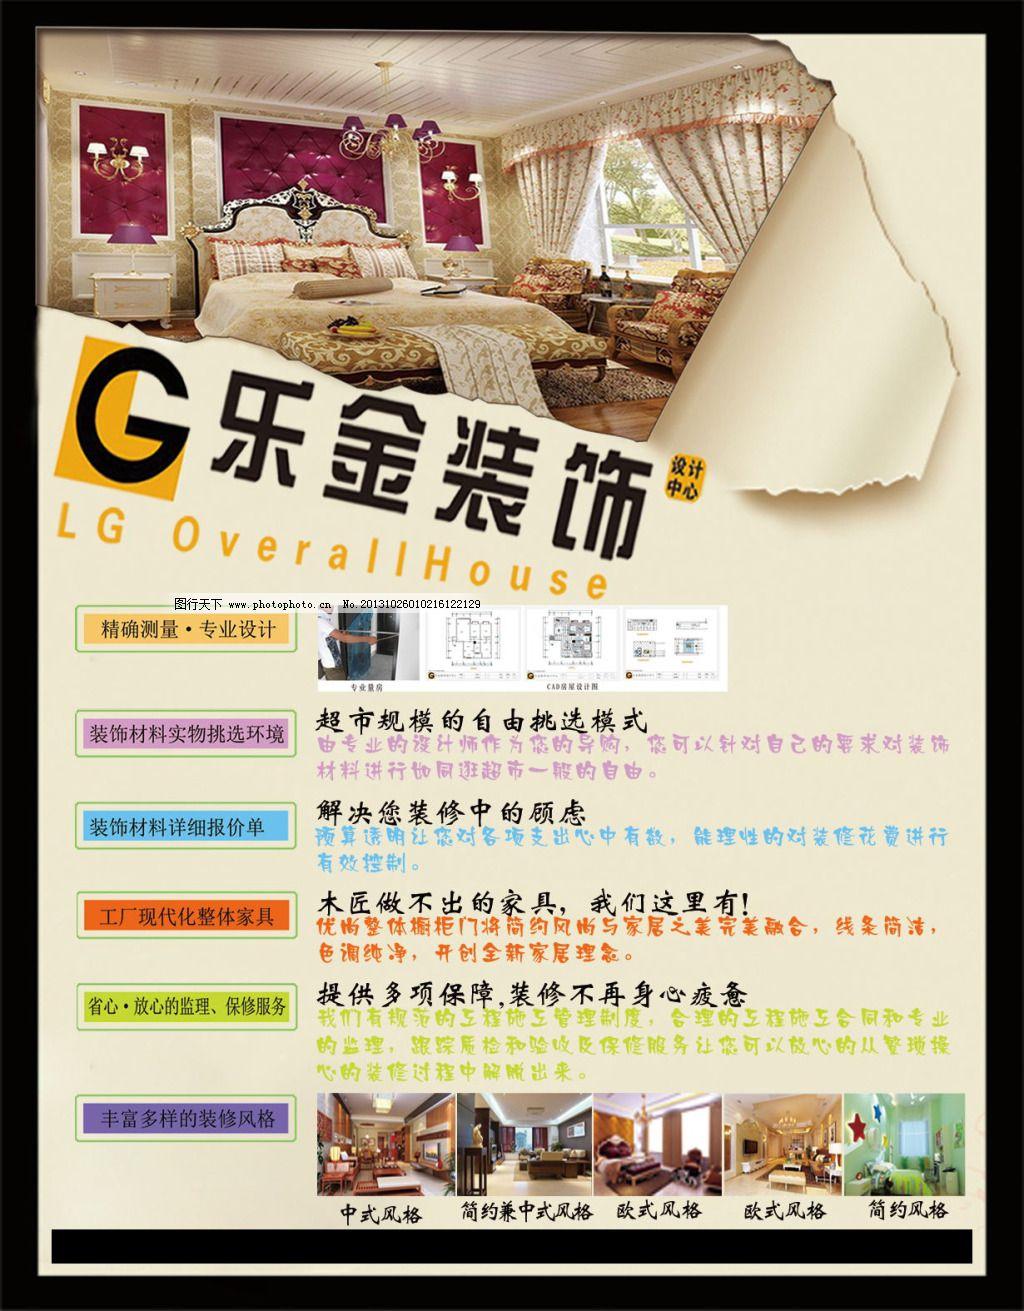 爱情 版面 电影 韩式 婚纱 其他模板 趣味 设计 设计文字 字体 版面图片